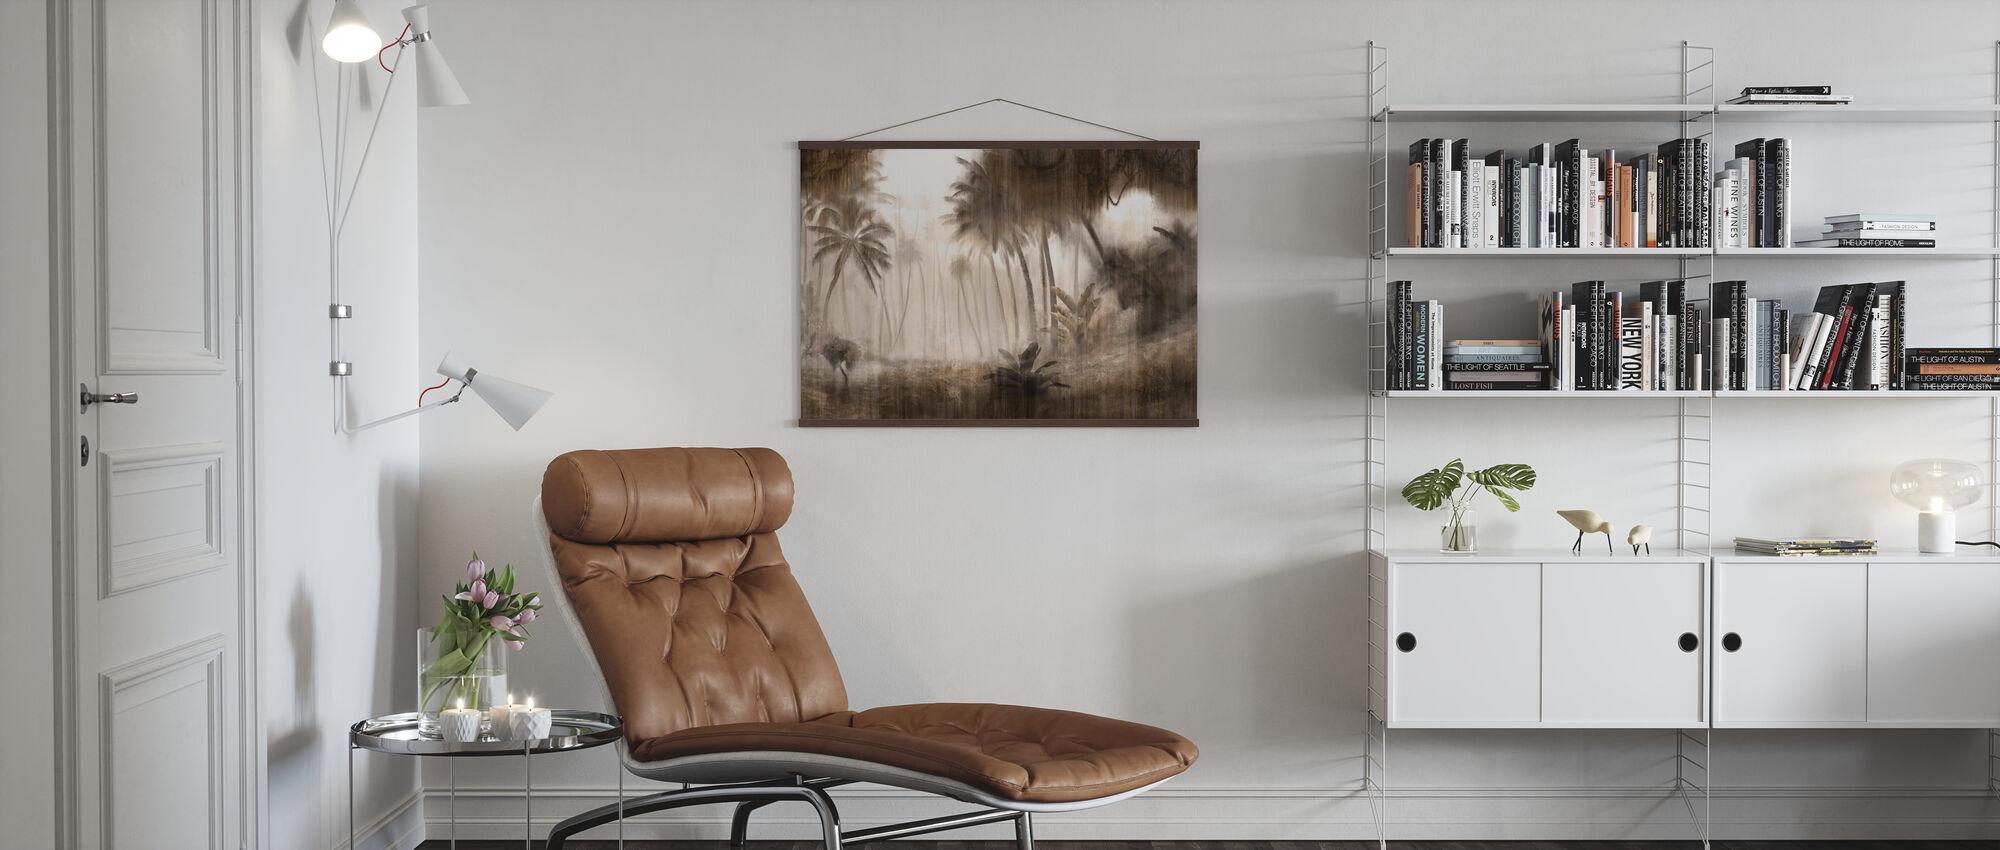 Definitive Tropische - Haselnuss - Poster - Wohnzimmer